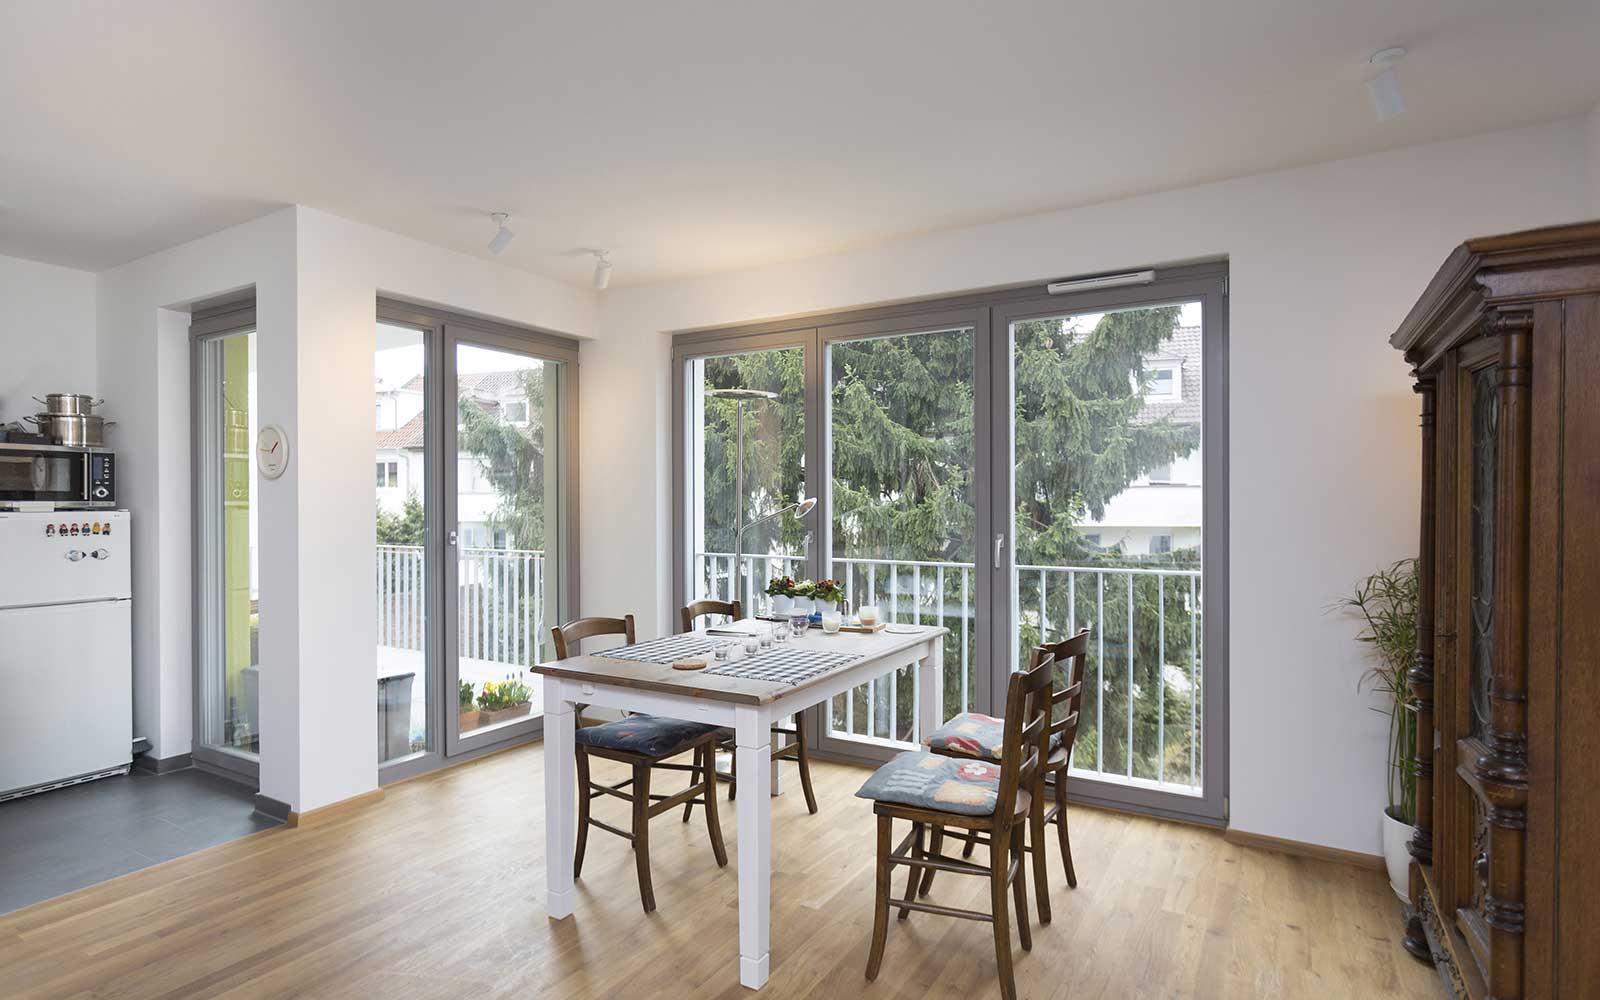 Eigentumswohnungen in Handschuhsheim, Architekturbüro Kochhan und Weckbach